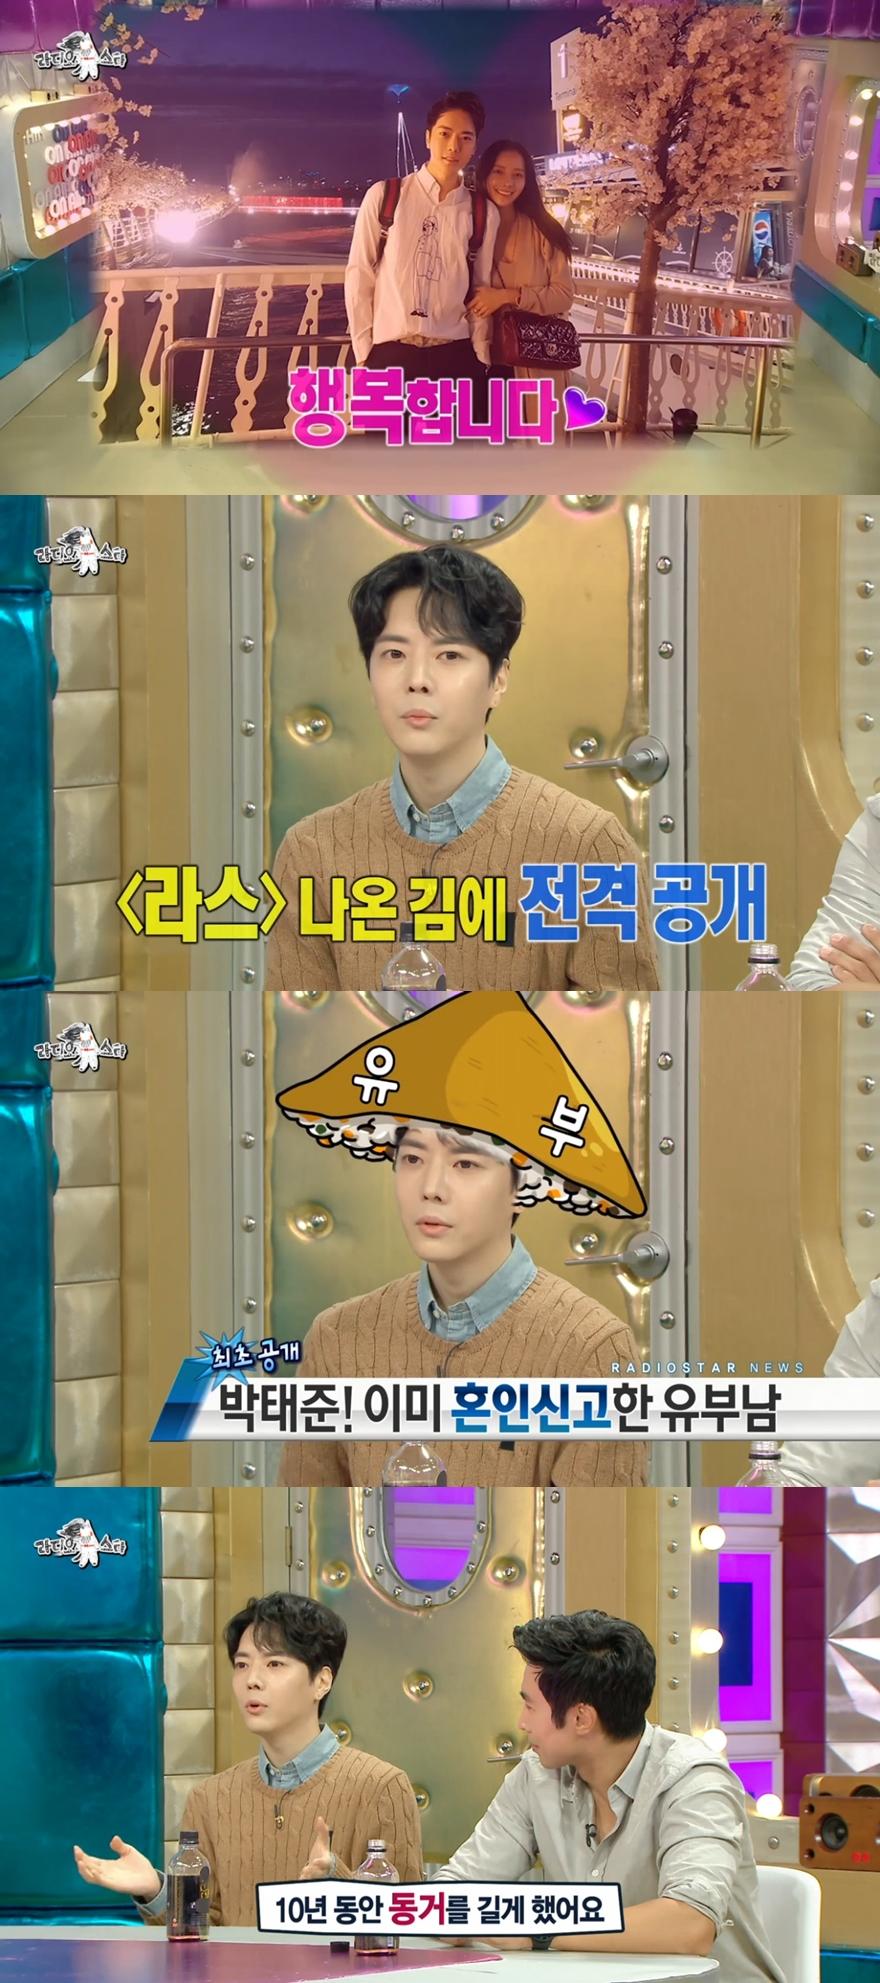 '박태준 아내' 최수정 관심...아이돌 출신, 마마무 화사 절친